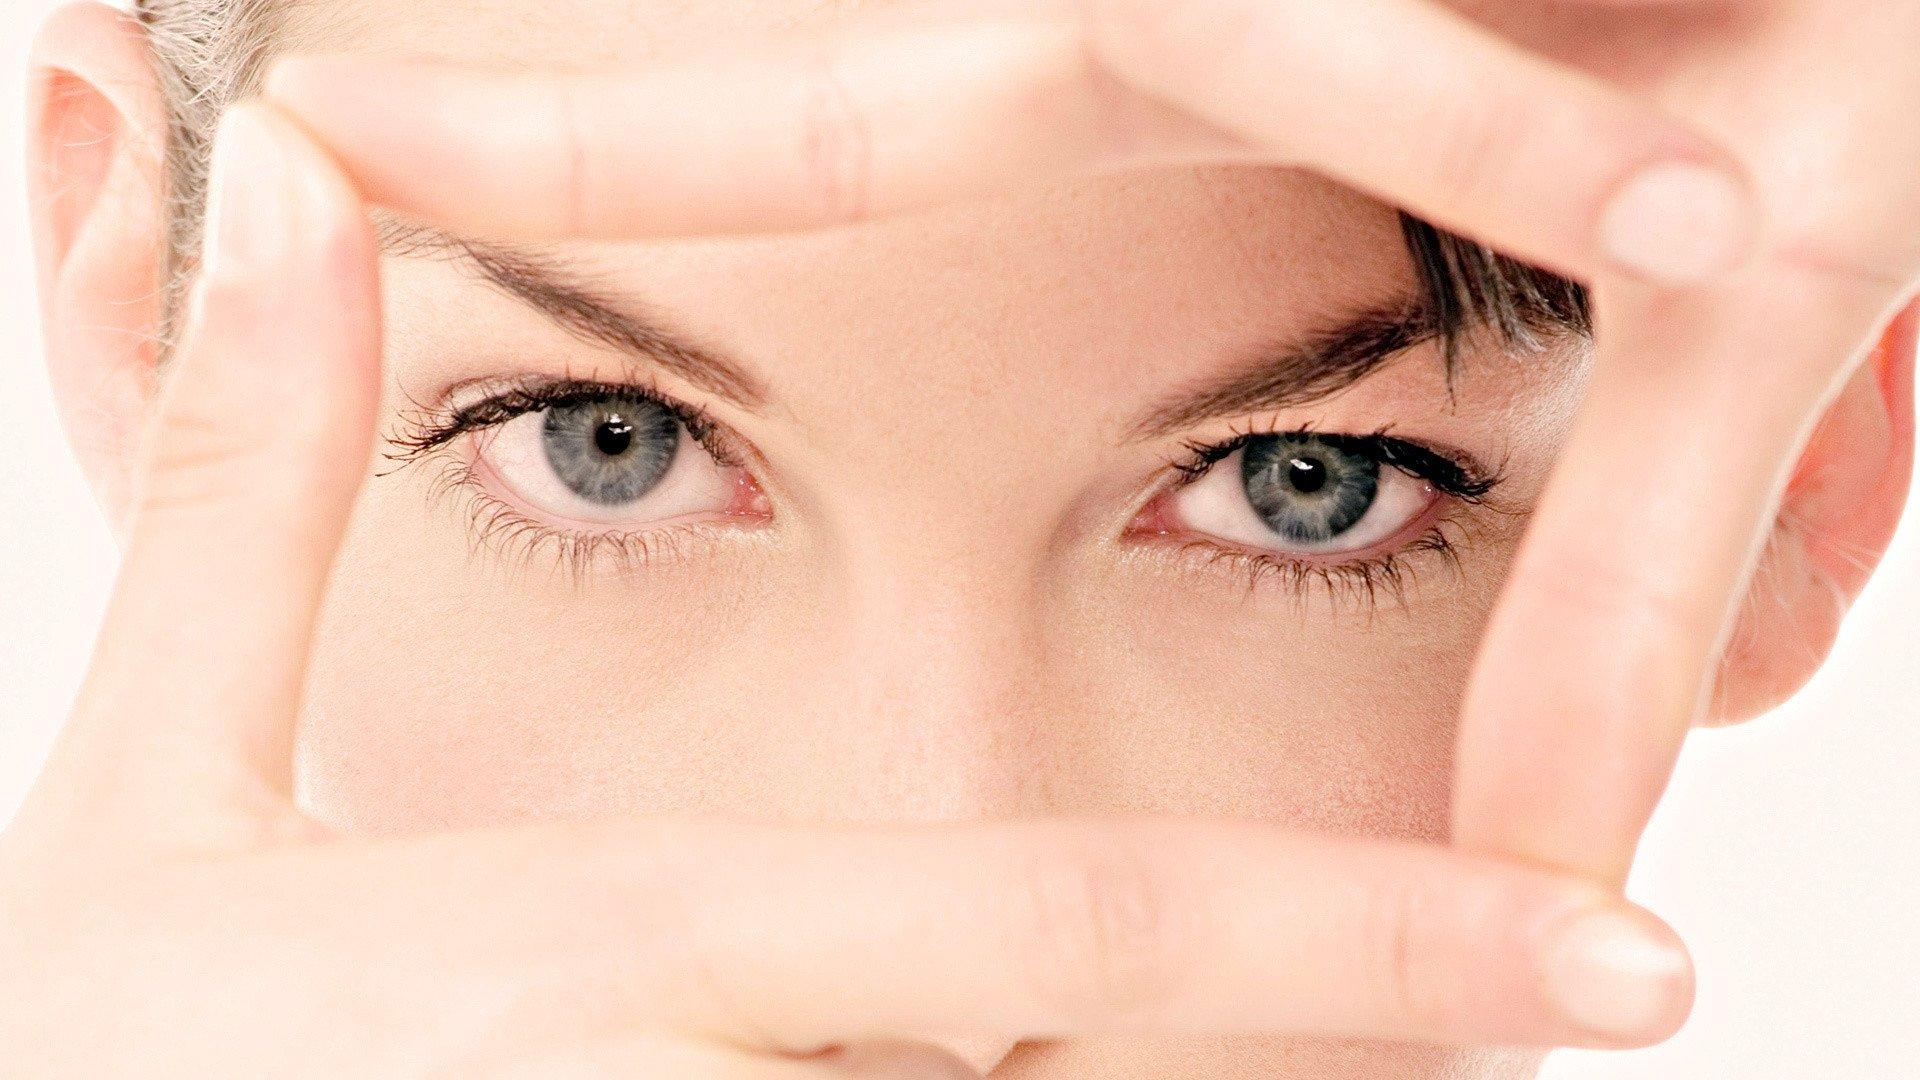 Избавиться от покраснения глаз в домашних условиях